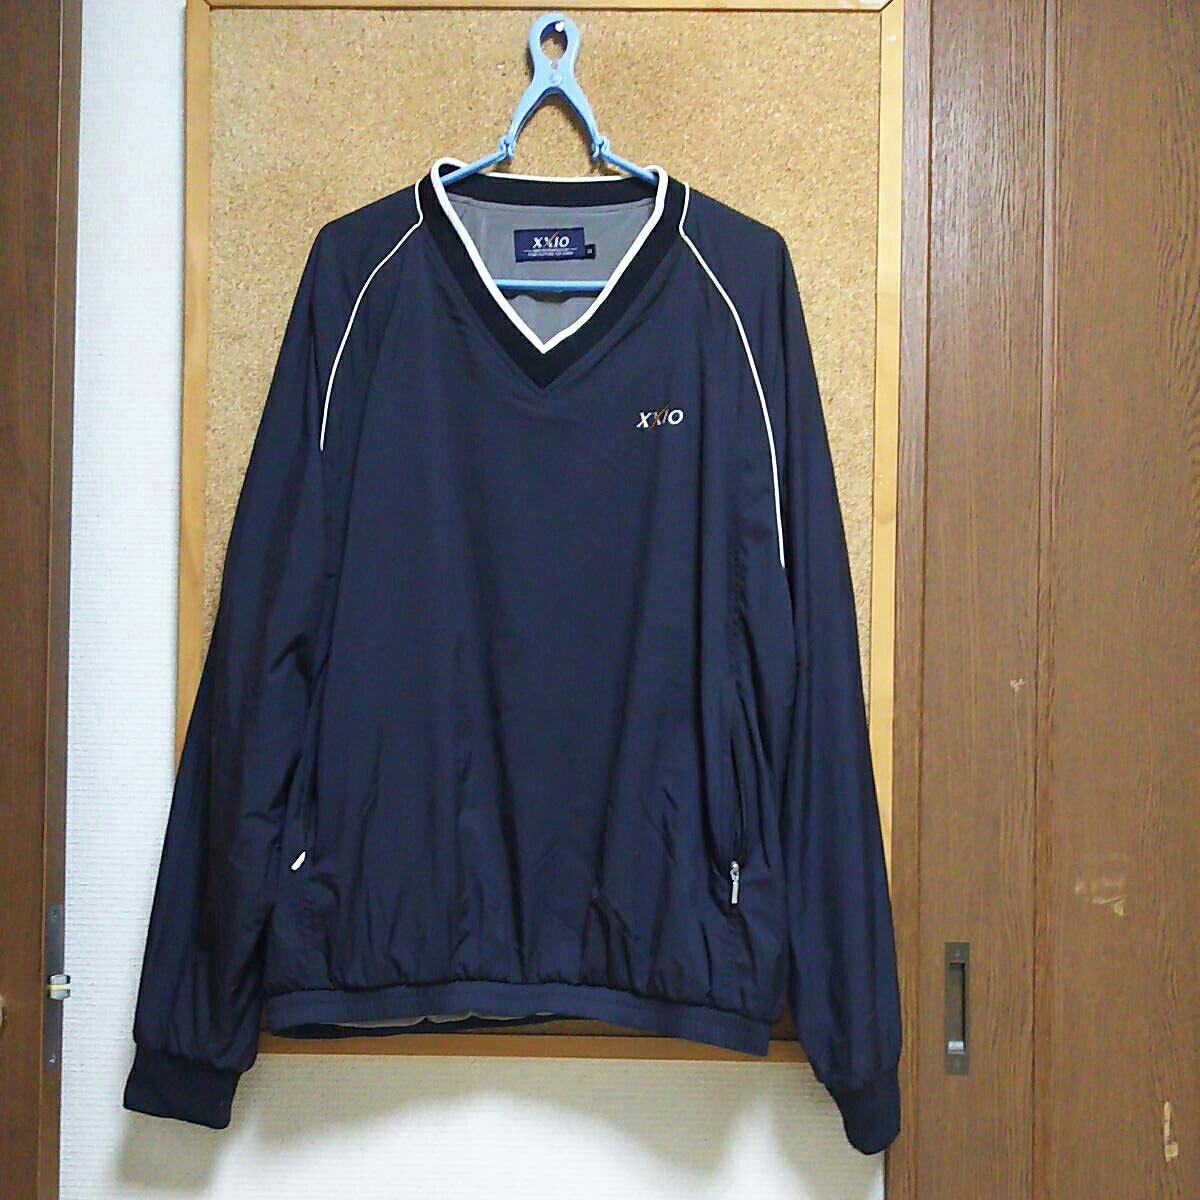 XXIO golf wear LL size